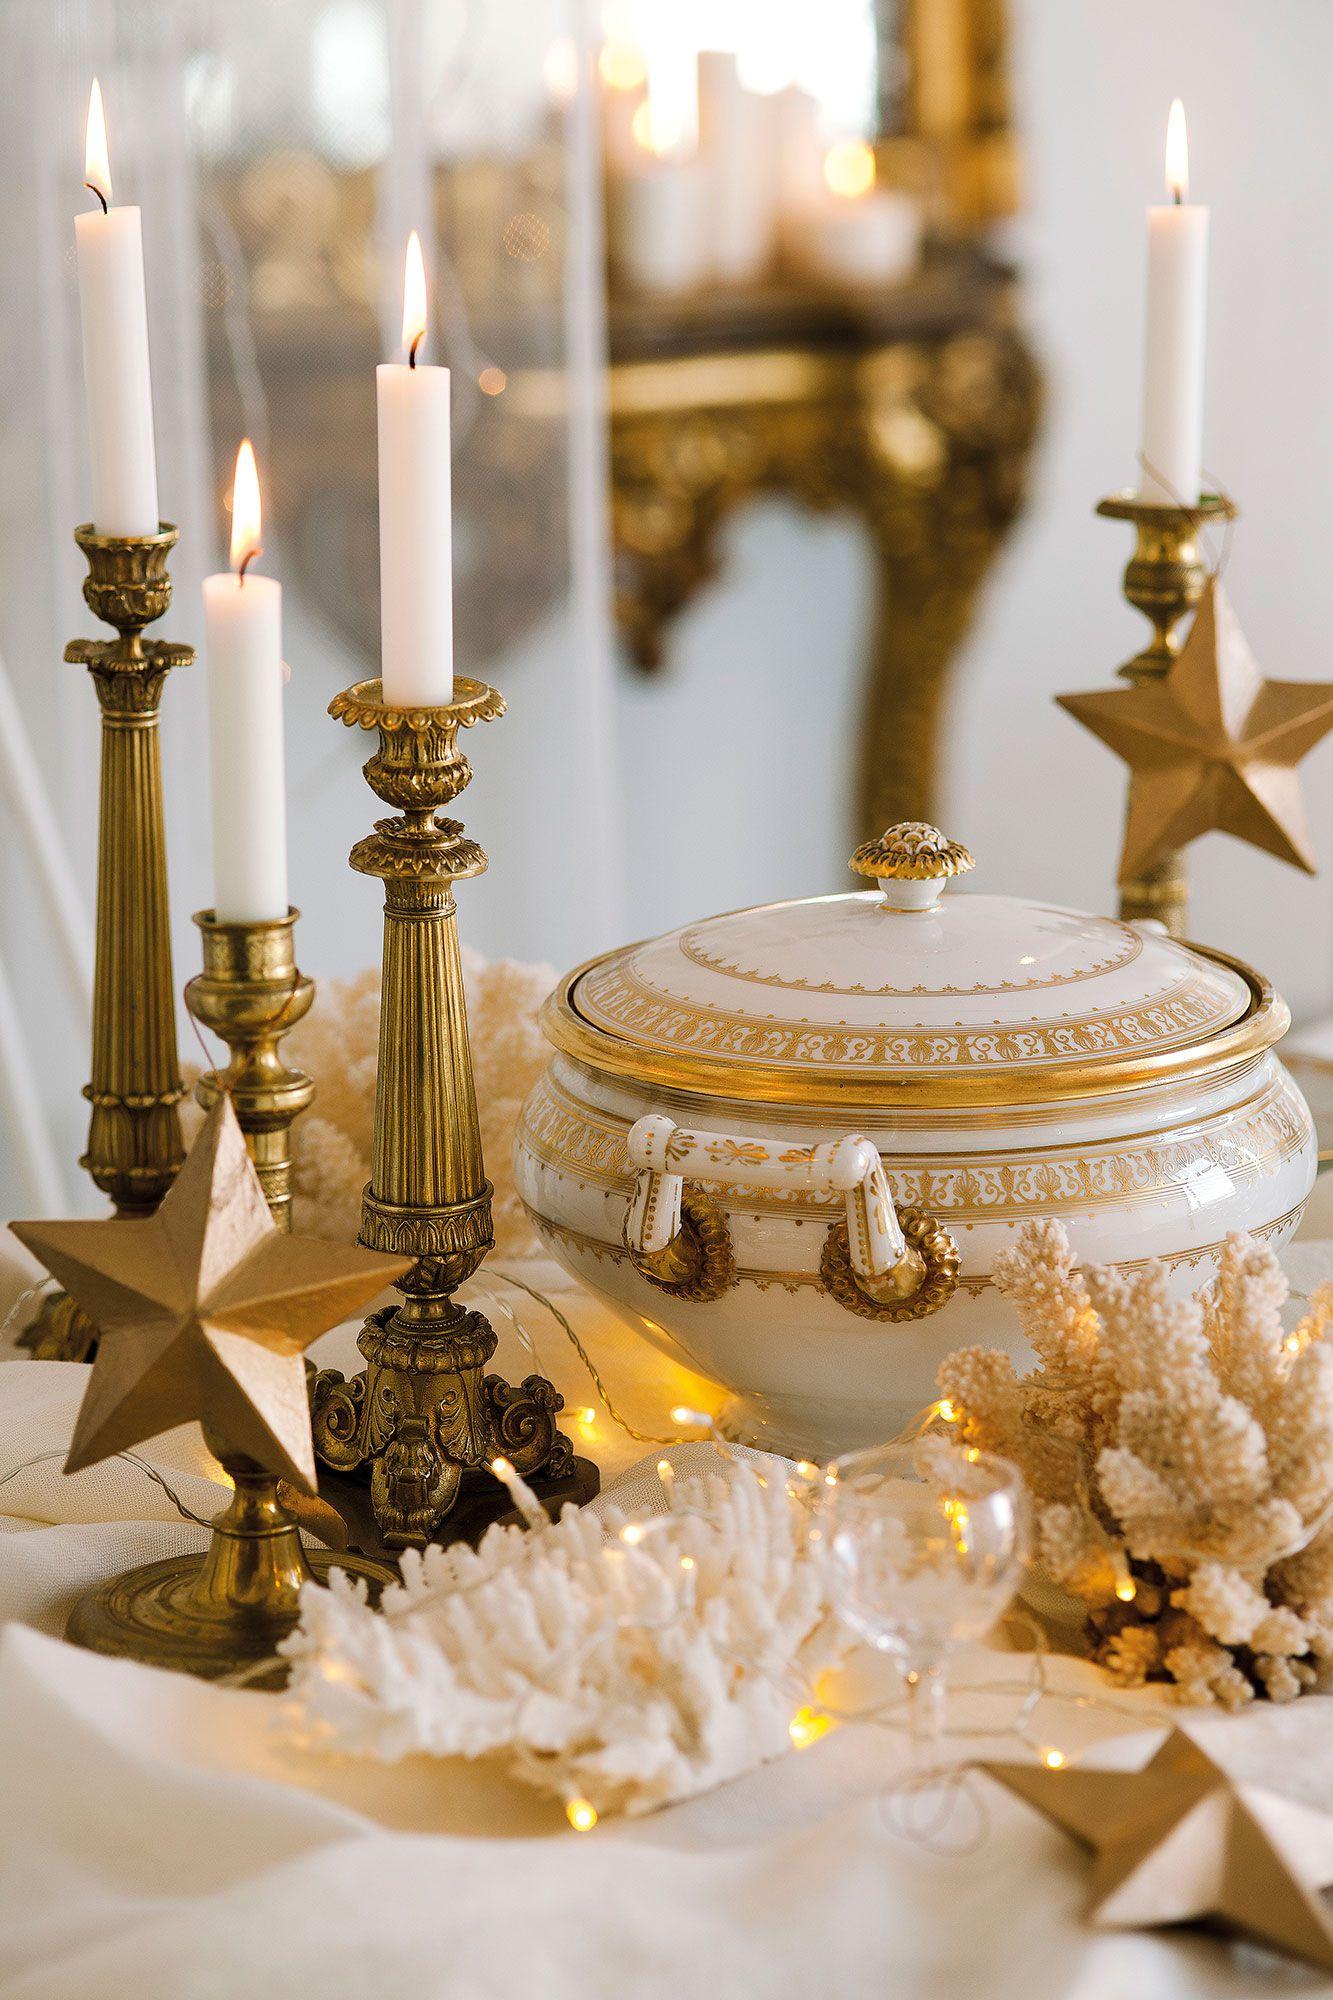 navidad ideas para decorar de fiesta tu casa